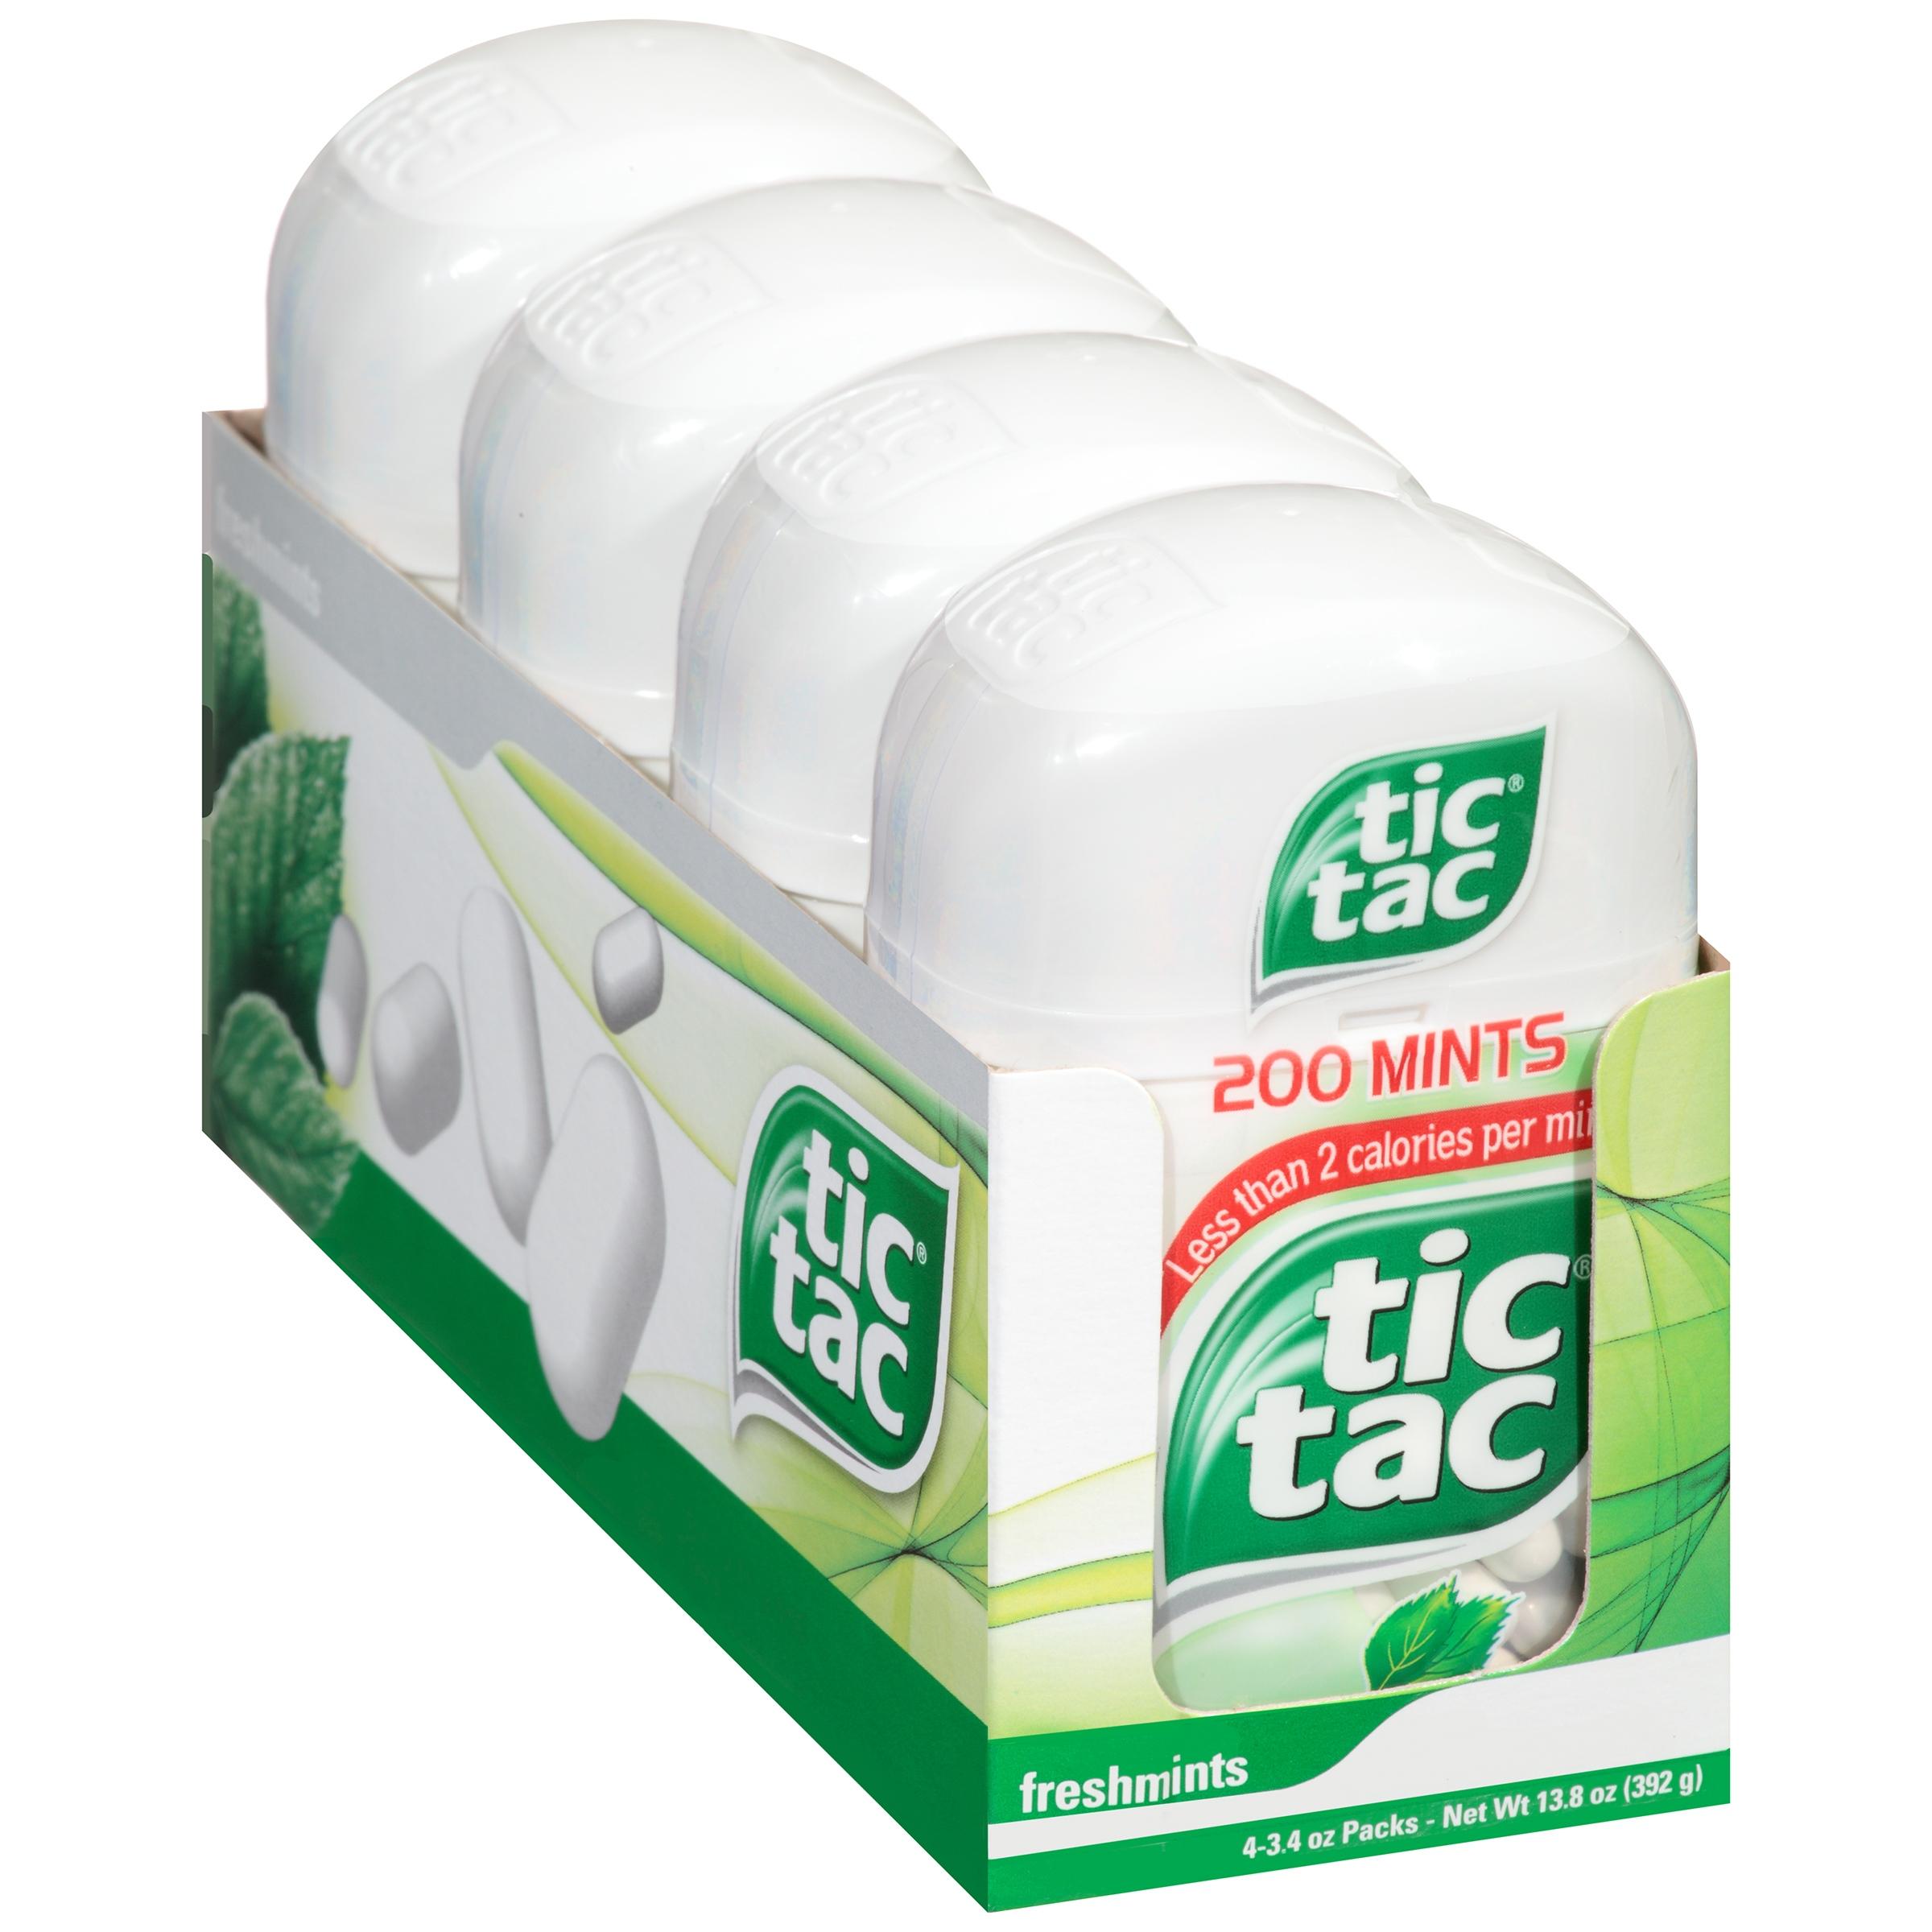 Freshmints Tic Tac Mints 4-3.4 oz. Packs by Ferrero U.S.A. Inc.